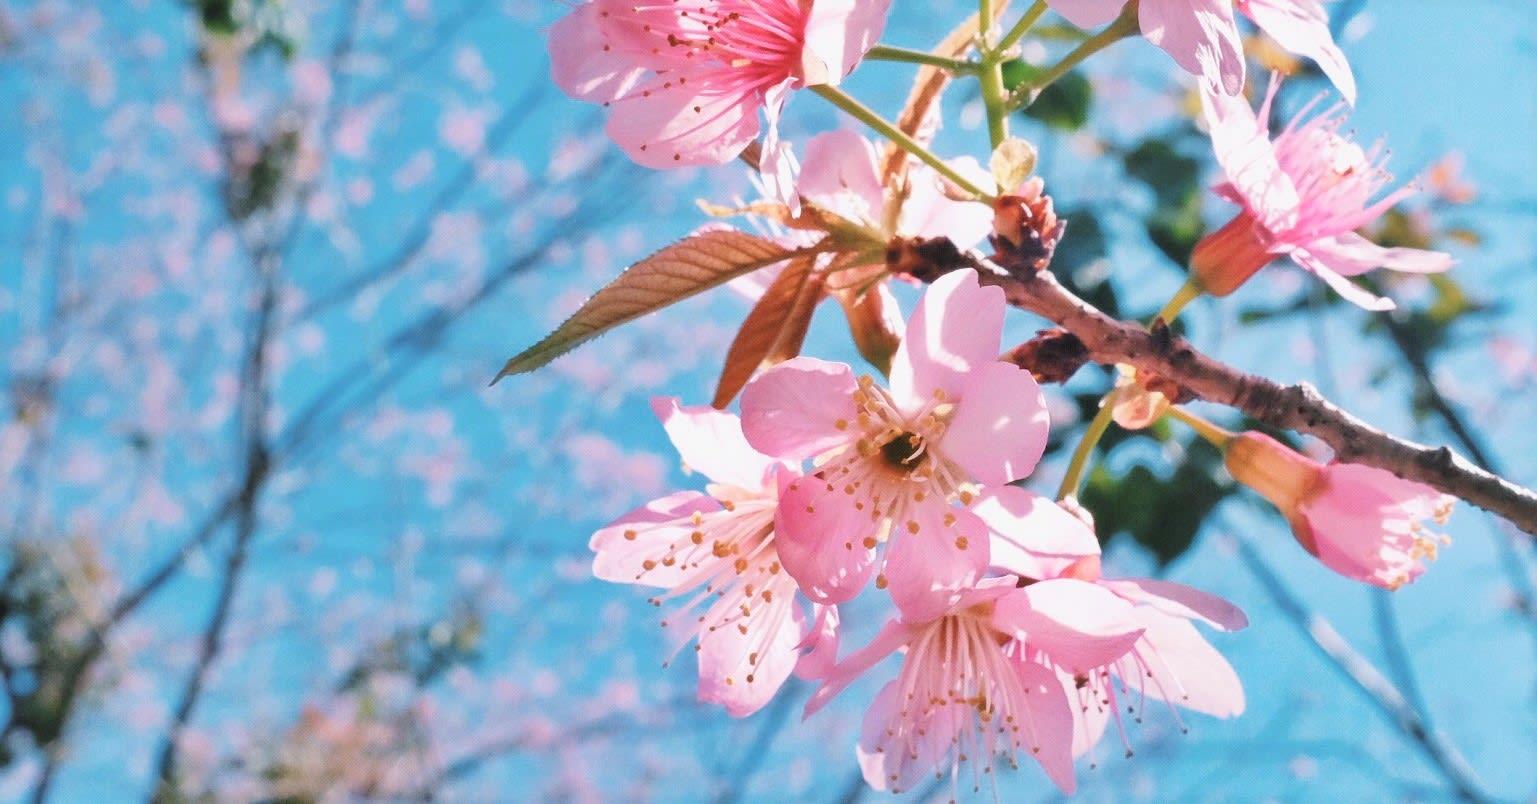 Đi Thái Lan ngắm hoa anh đào: 7 nơi hoa anh đào nở cực đẹp! 2